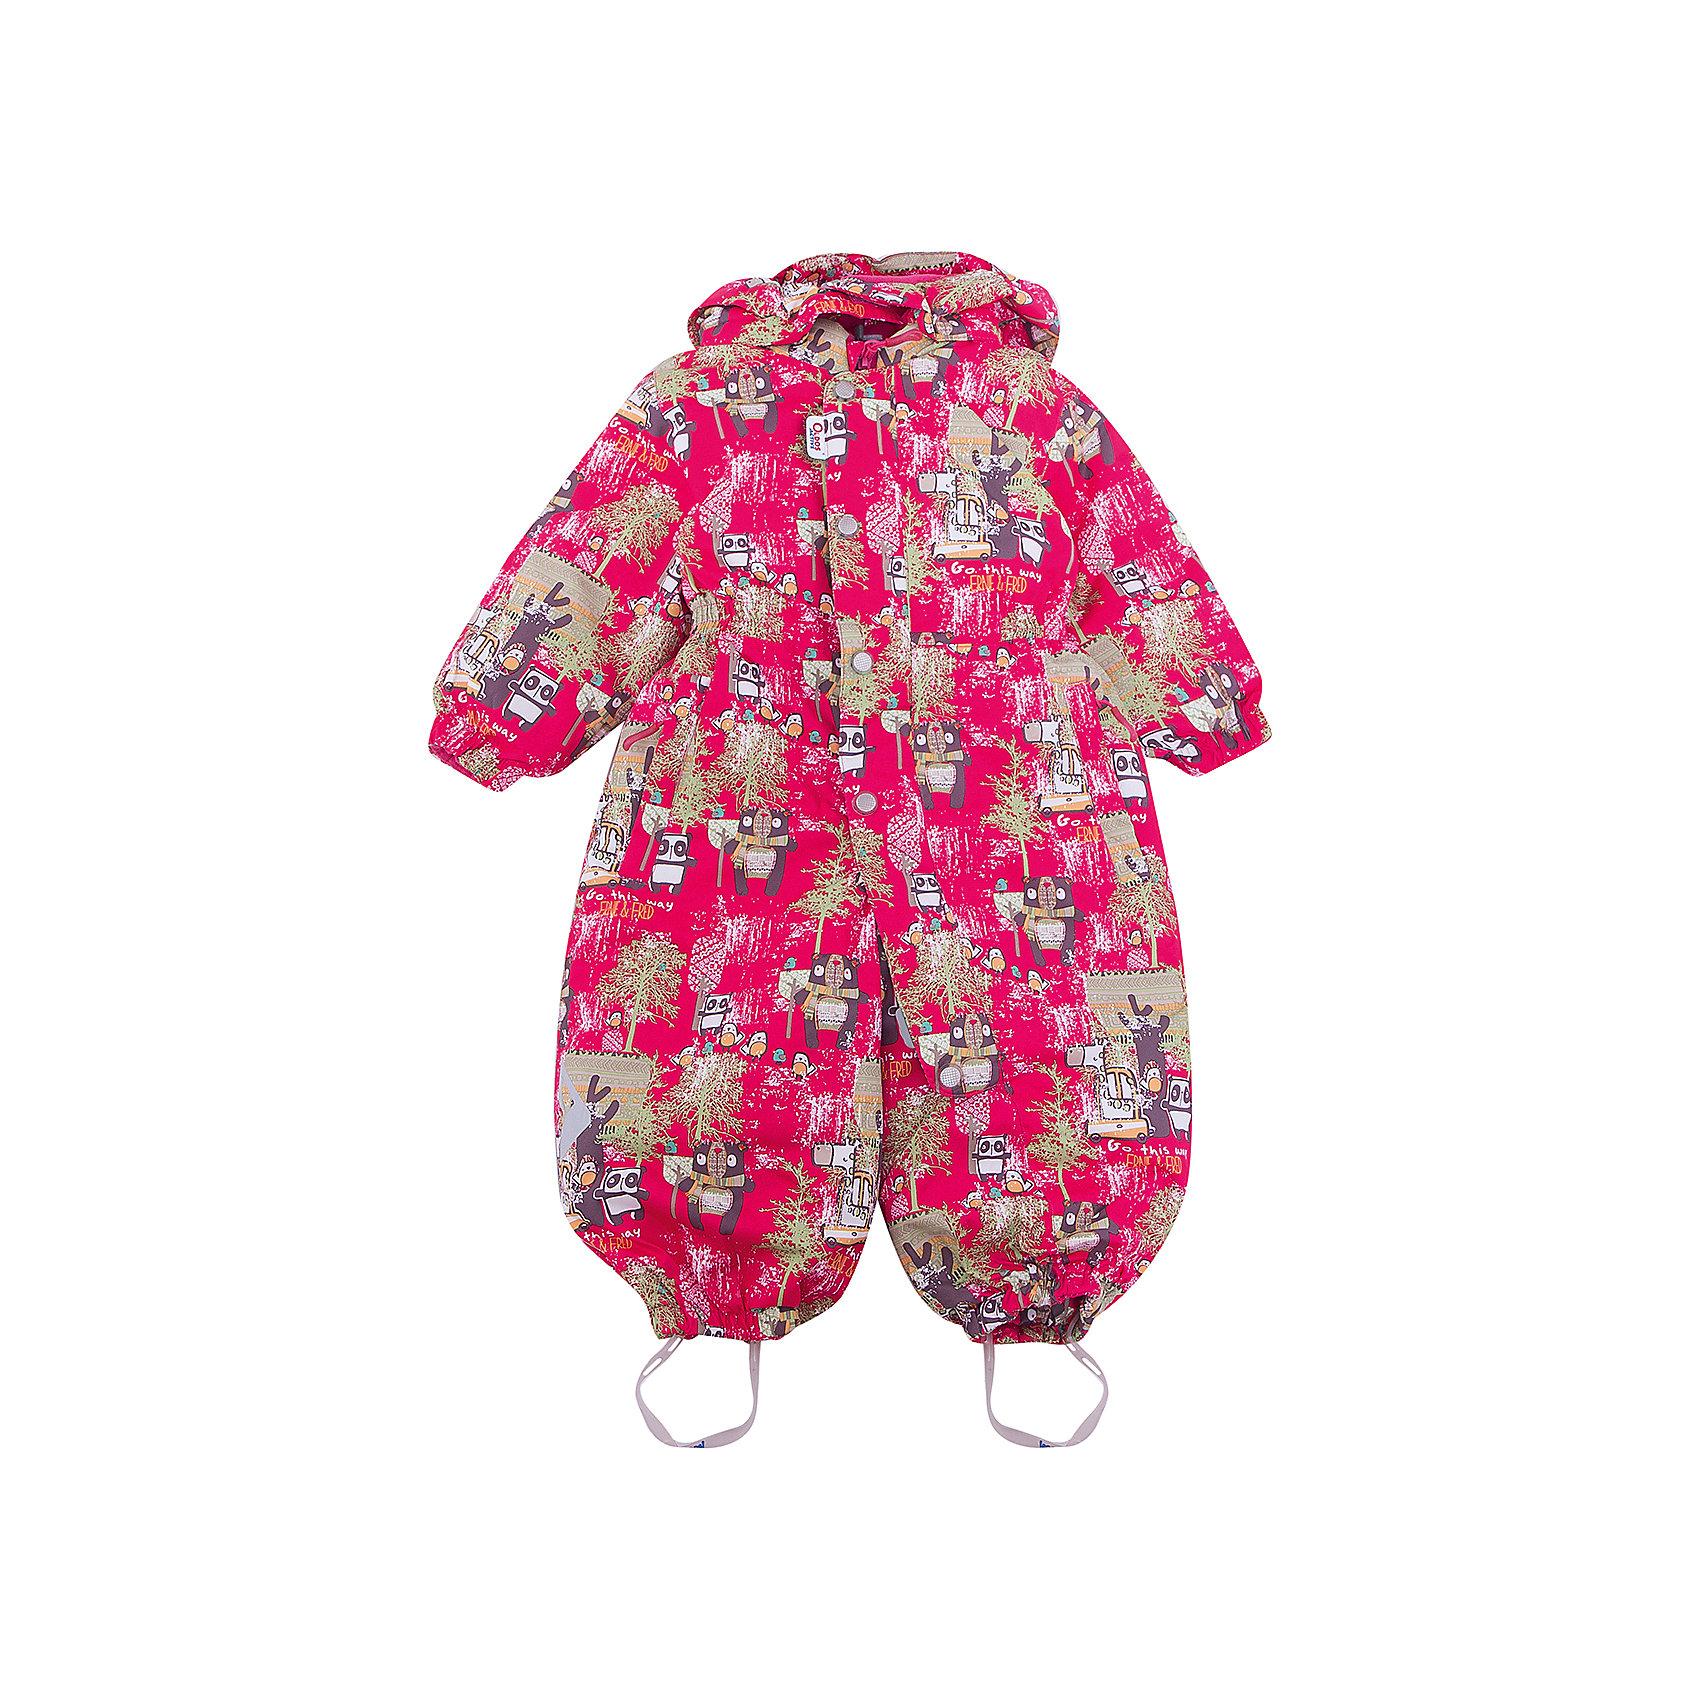 Комбинезон Мишутка OLDOS для девочкиВерхняя одежда<br>Характеристики товара:<br><br>• цвет: розовый<br>• состав ткани: полиэстер, Teflon<br>• подкладка: флис, гладкий полиэстер<br>• утеплитель: Hollofan pro<br>• сезон: зима<br>• мембранное покрытие<br>• температурный режим: от -30 до +5<br>• водонепроницаемость: 5000 мм <br>• паропроницаемость: 5000 г/м2<br>• плотность утеплителя: 200 г/м2<br>• застежка: молния<br>• капюшон: без меха, съемный<br>• силиконовые штрипки<br>• в комплекте флисовый комбинезон<br>• страна бренда: Россия<br>• страна изготовитель: Россия<br><br>Яркий детский комбинезон защищает от ветра и снега благодаря удобному капюшону, воротнику-стойке, планкам и резинкам по краю. Практичный теплый комбинезон декорирован ярким принтом. Детский комбинезон благодаря мембранной технологии рассчитан даже на сильные морозы. Зимний комбинезон от бренда Oldos отличается прочным верхом и теплым наполнителем. <br><br>Комбинезон Мишутка Oldos (Олдос) для девочки можно купить в нашем интернет-магазине.<br><br>Ширина мм: 356<br>Глубина мм: 10<br>Высота мм: 245<br>Вес г: 519<br>Цвет: розовый<br>Возраст от месяцев: 12<br>Возраст до месяцев: 15<br>Пол: Женский<br>Возраст: Детский<br>Размер: 80,92,86<br>SKU: 7015800